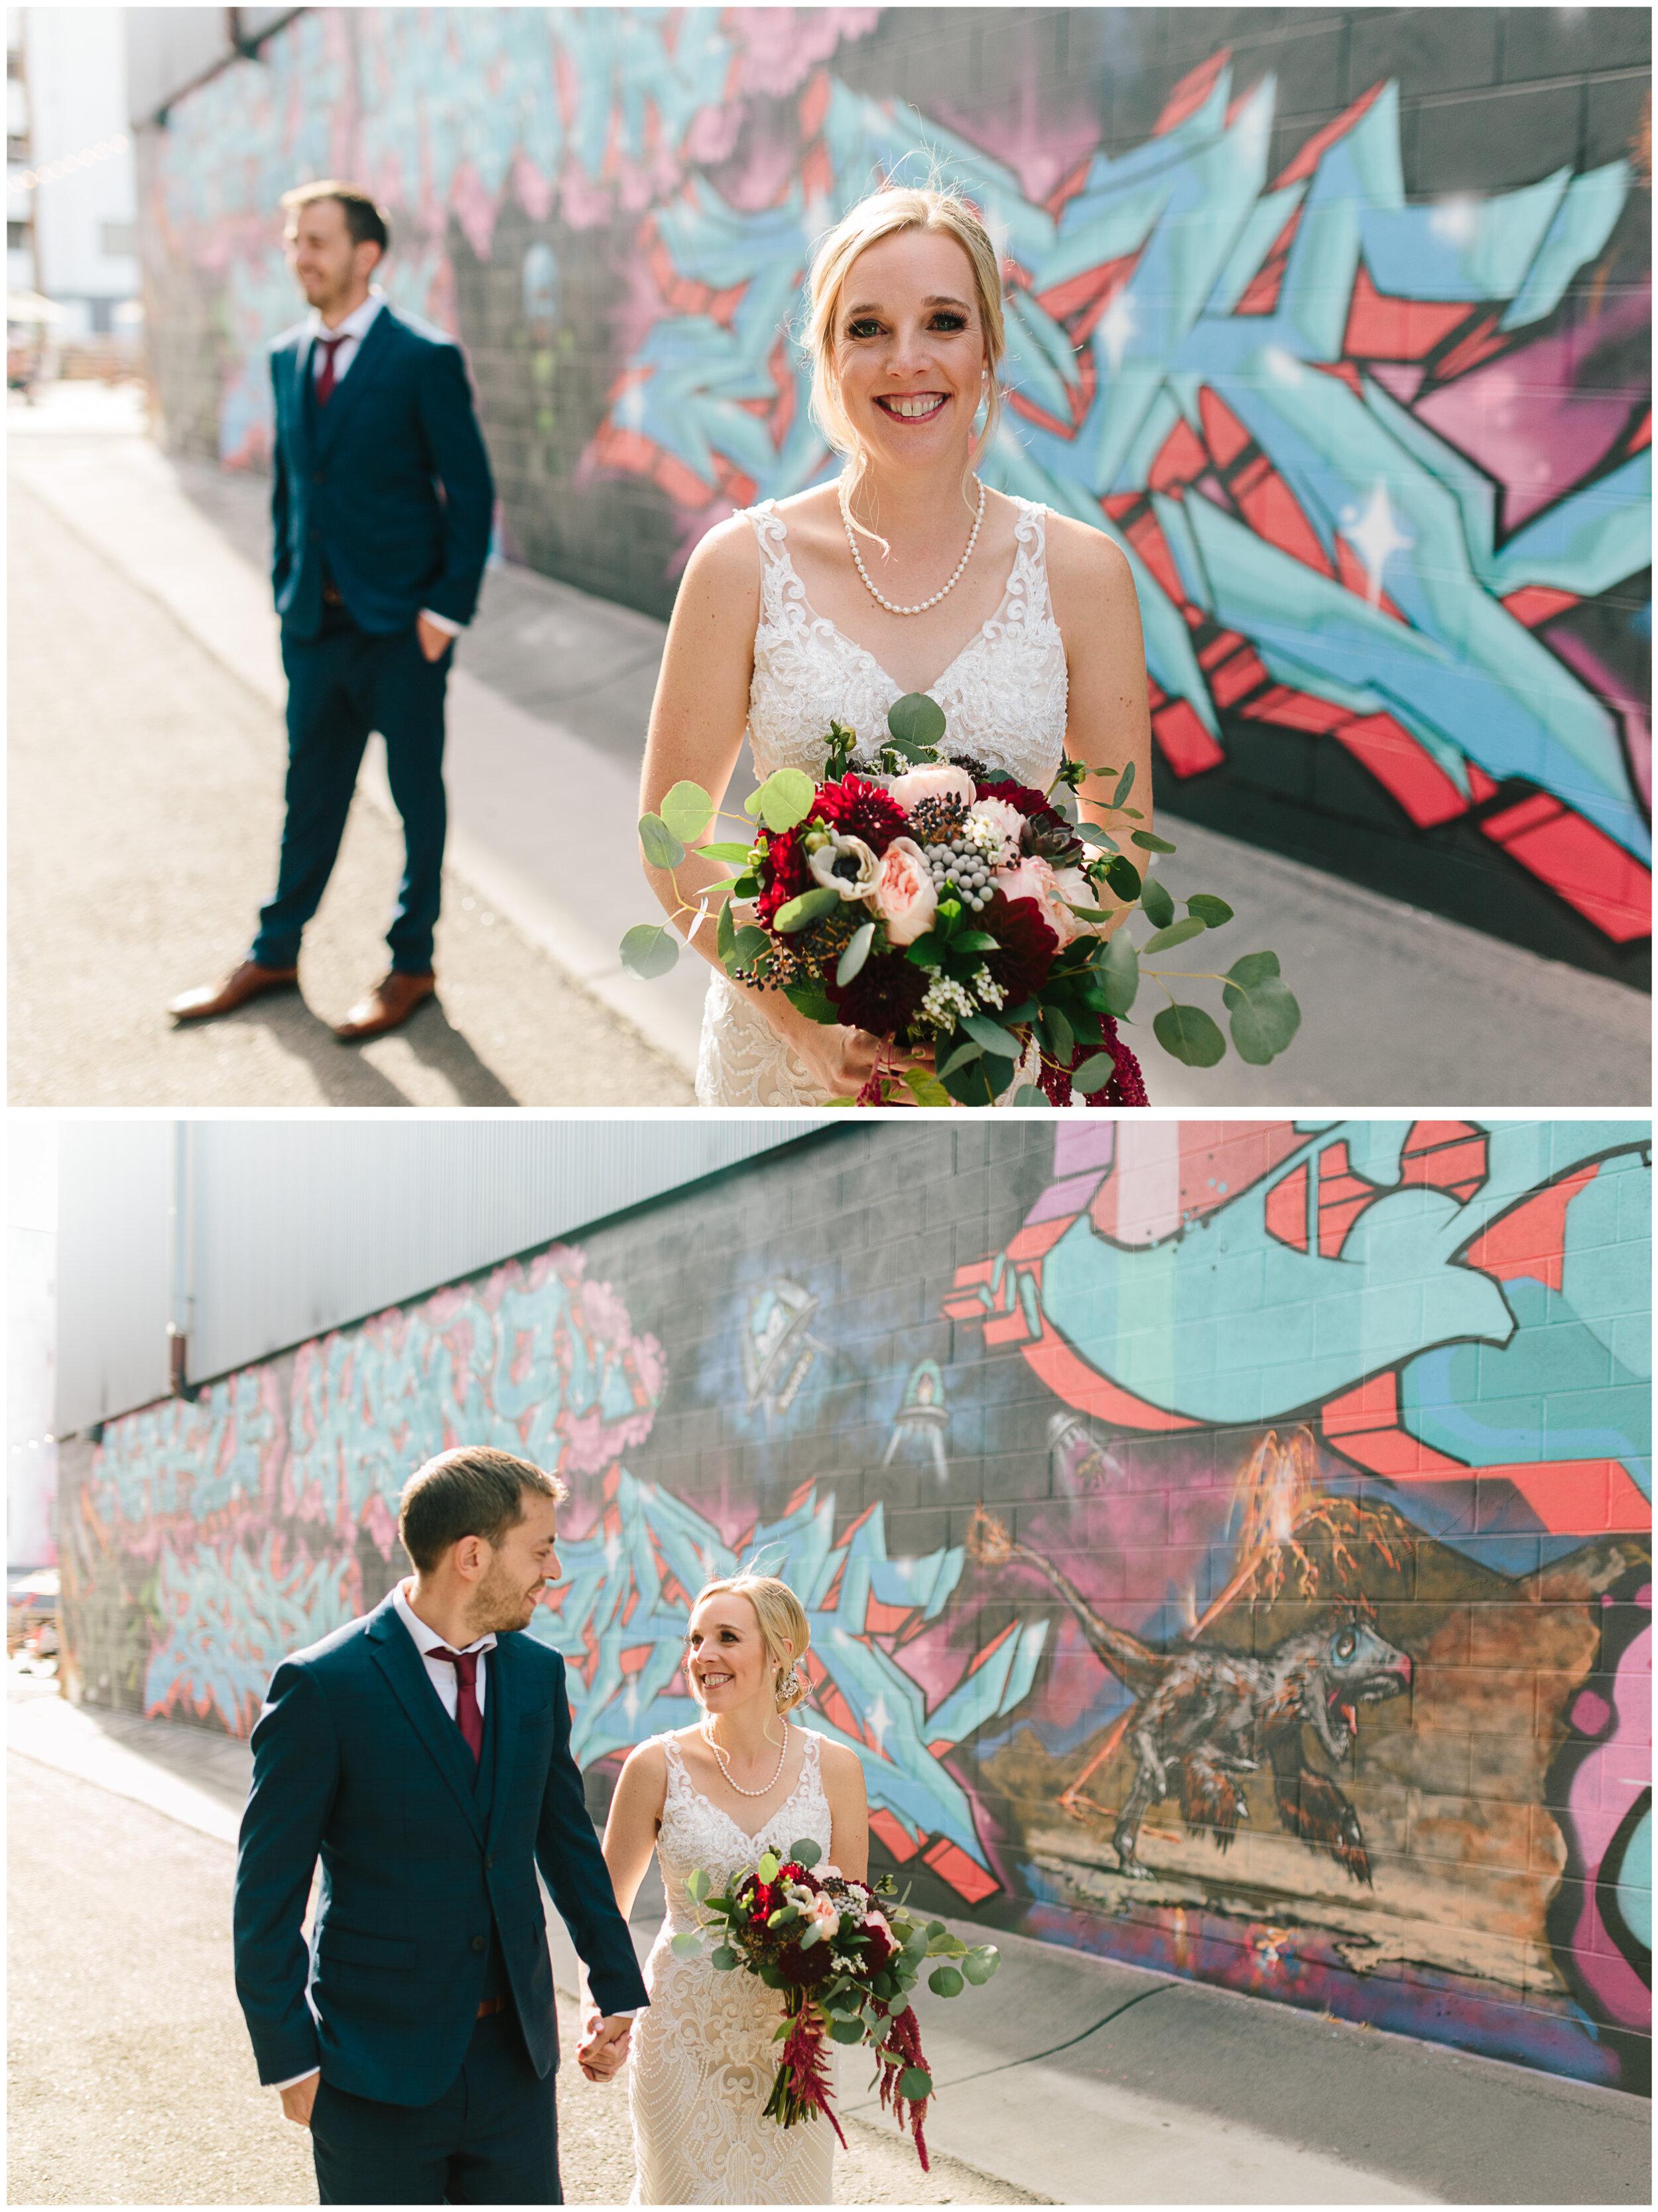 Blanc_Denver_Wedding_29.jpg